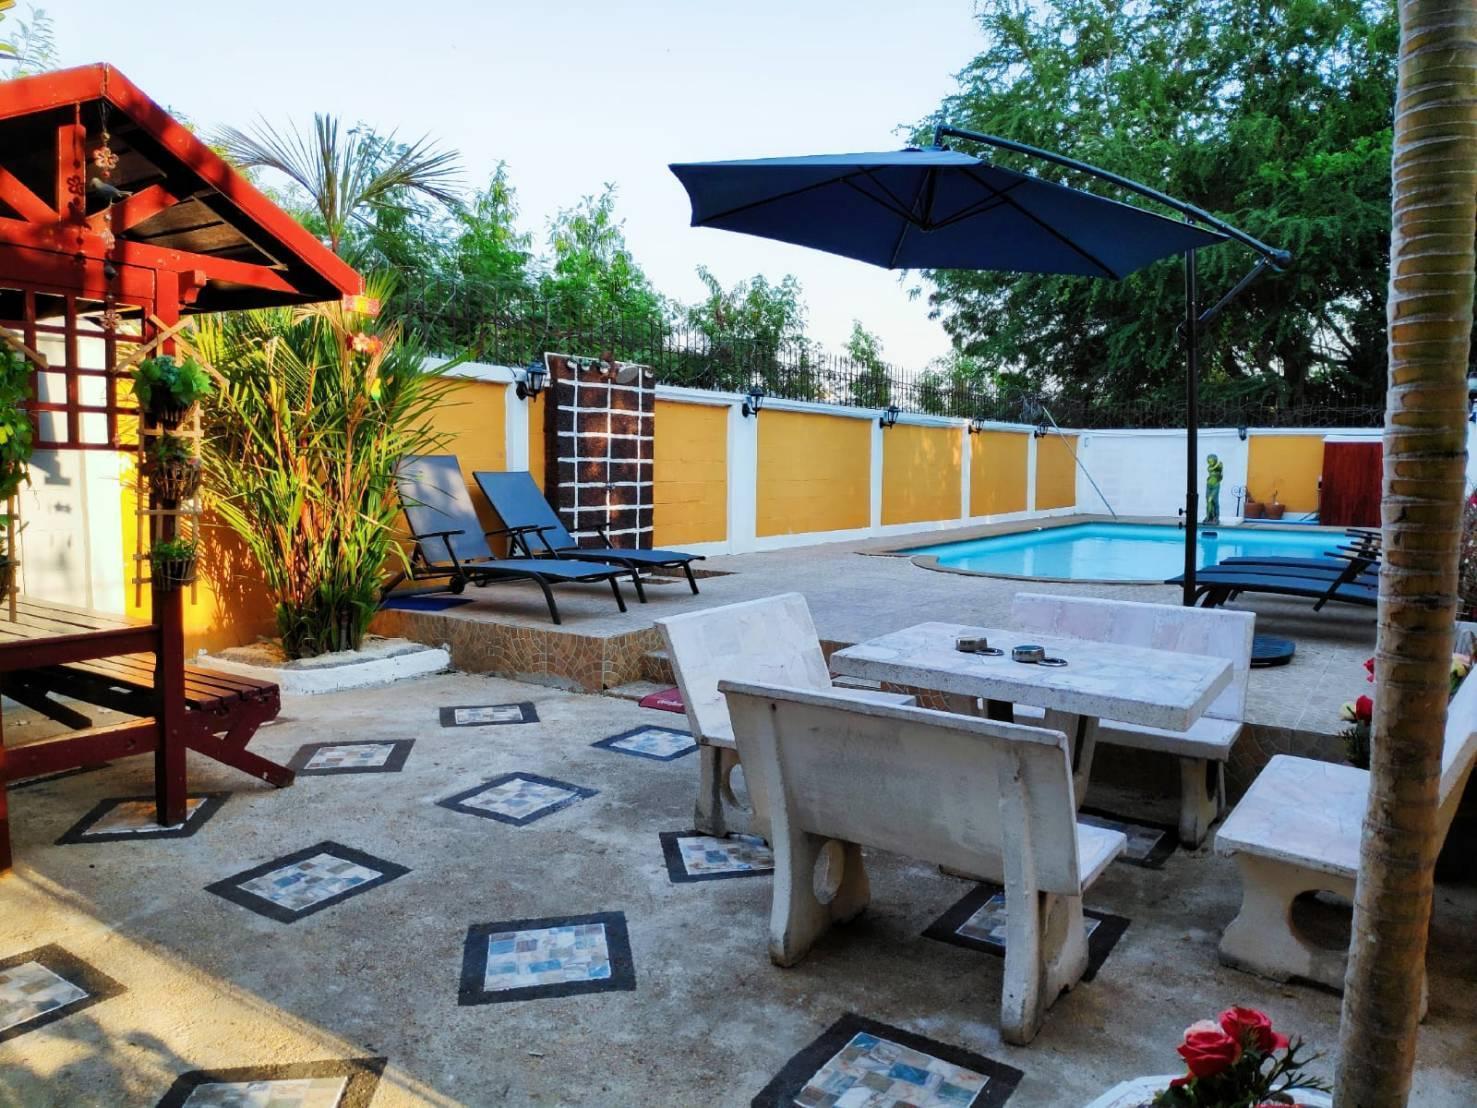 Classic Villa วิลลา 4 ห้องนอน 4 ห้องน้ำส่วนตัว ขนาด 60 ตร.ม. – พัทยากลาง